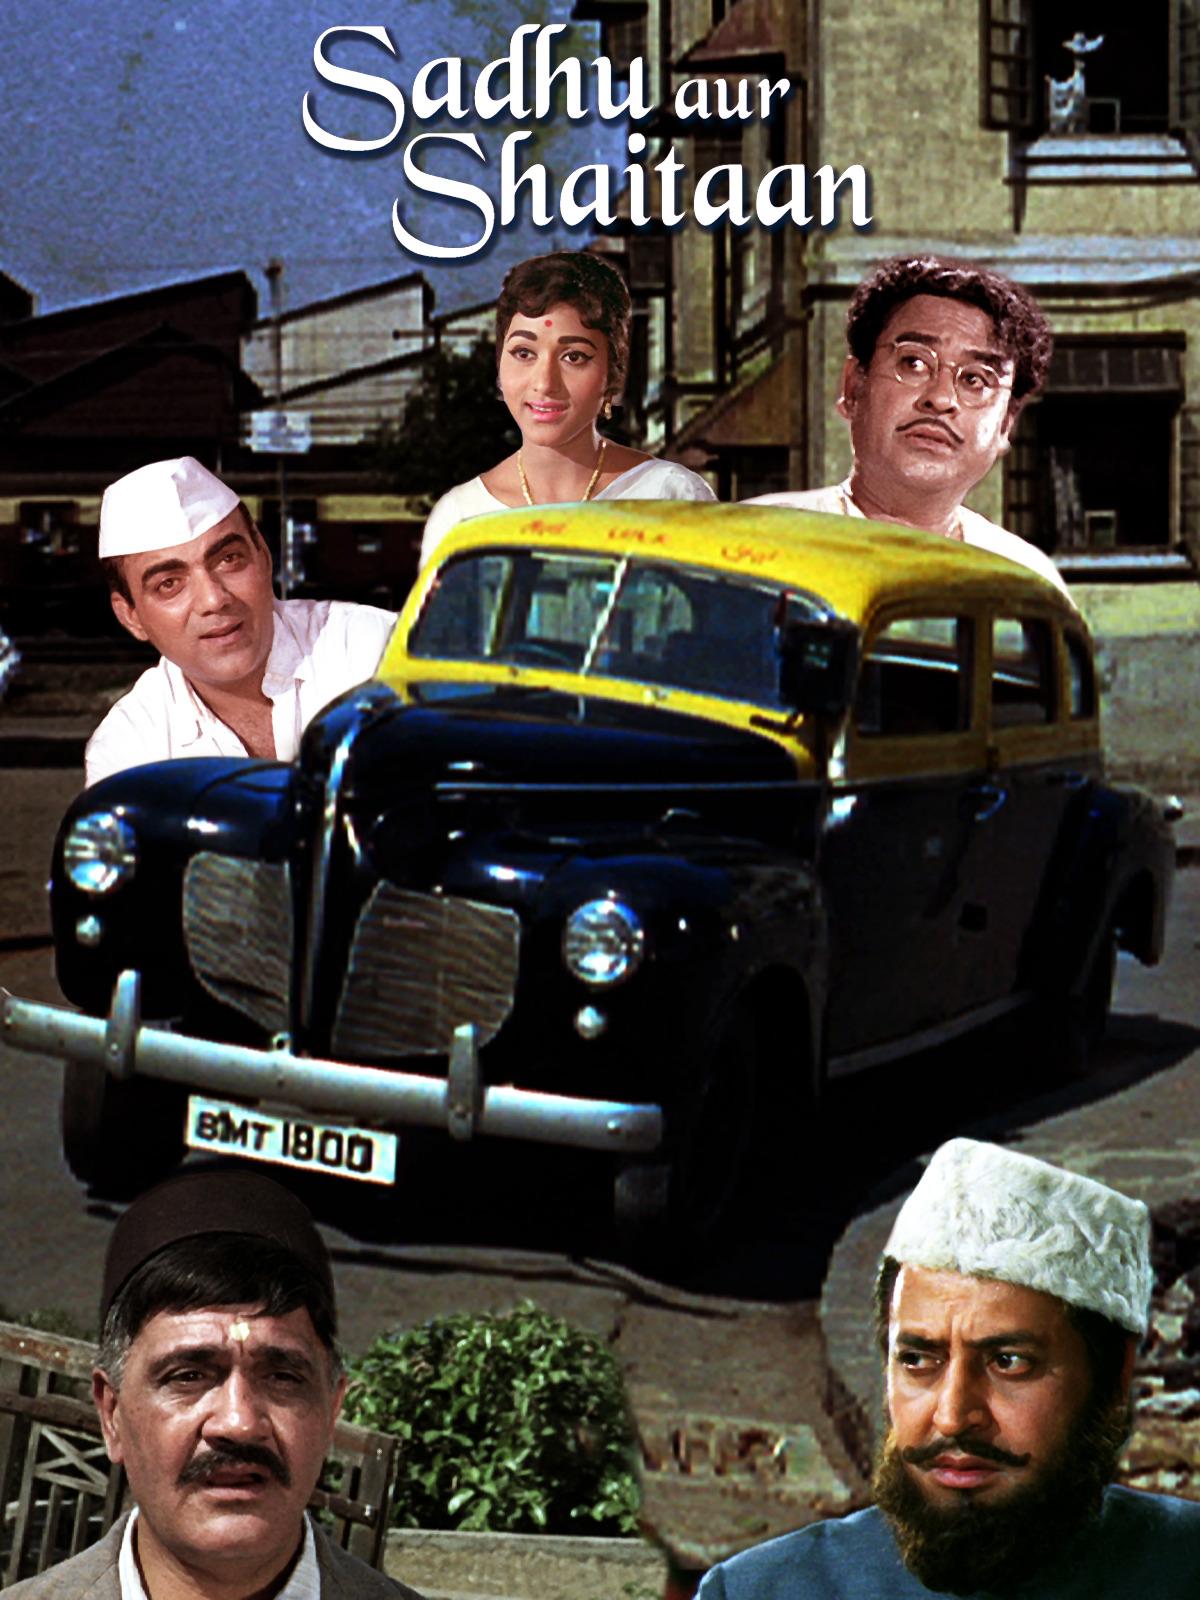 Sadhu Aur Shaitaan (1968) - IMDb